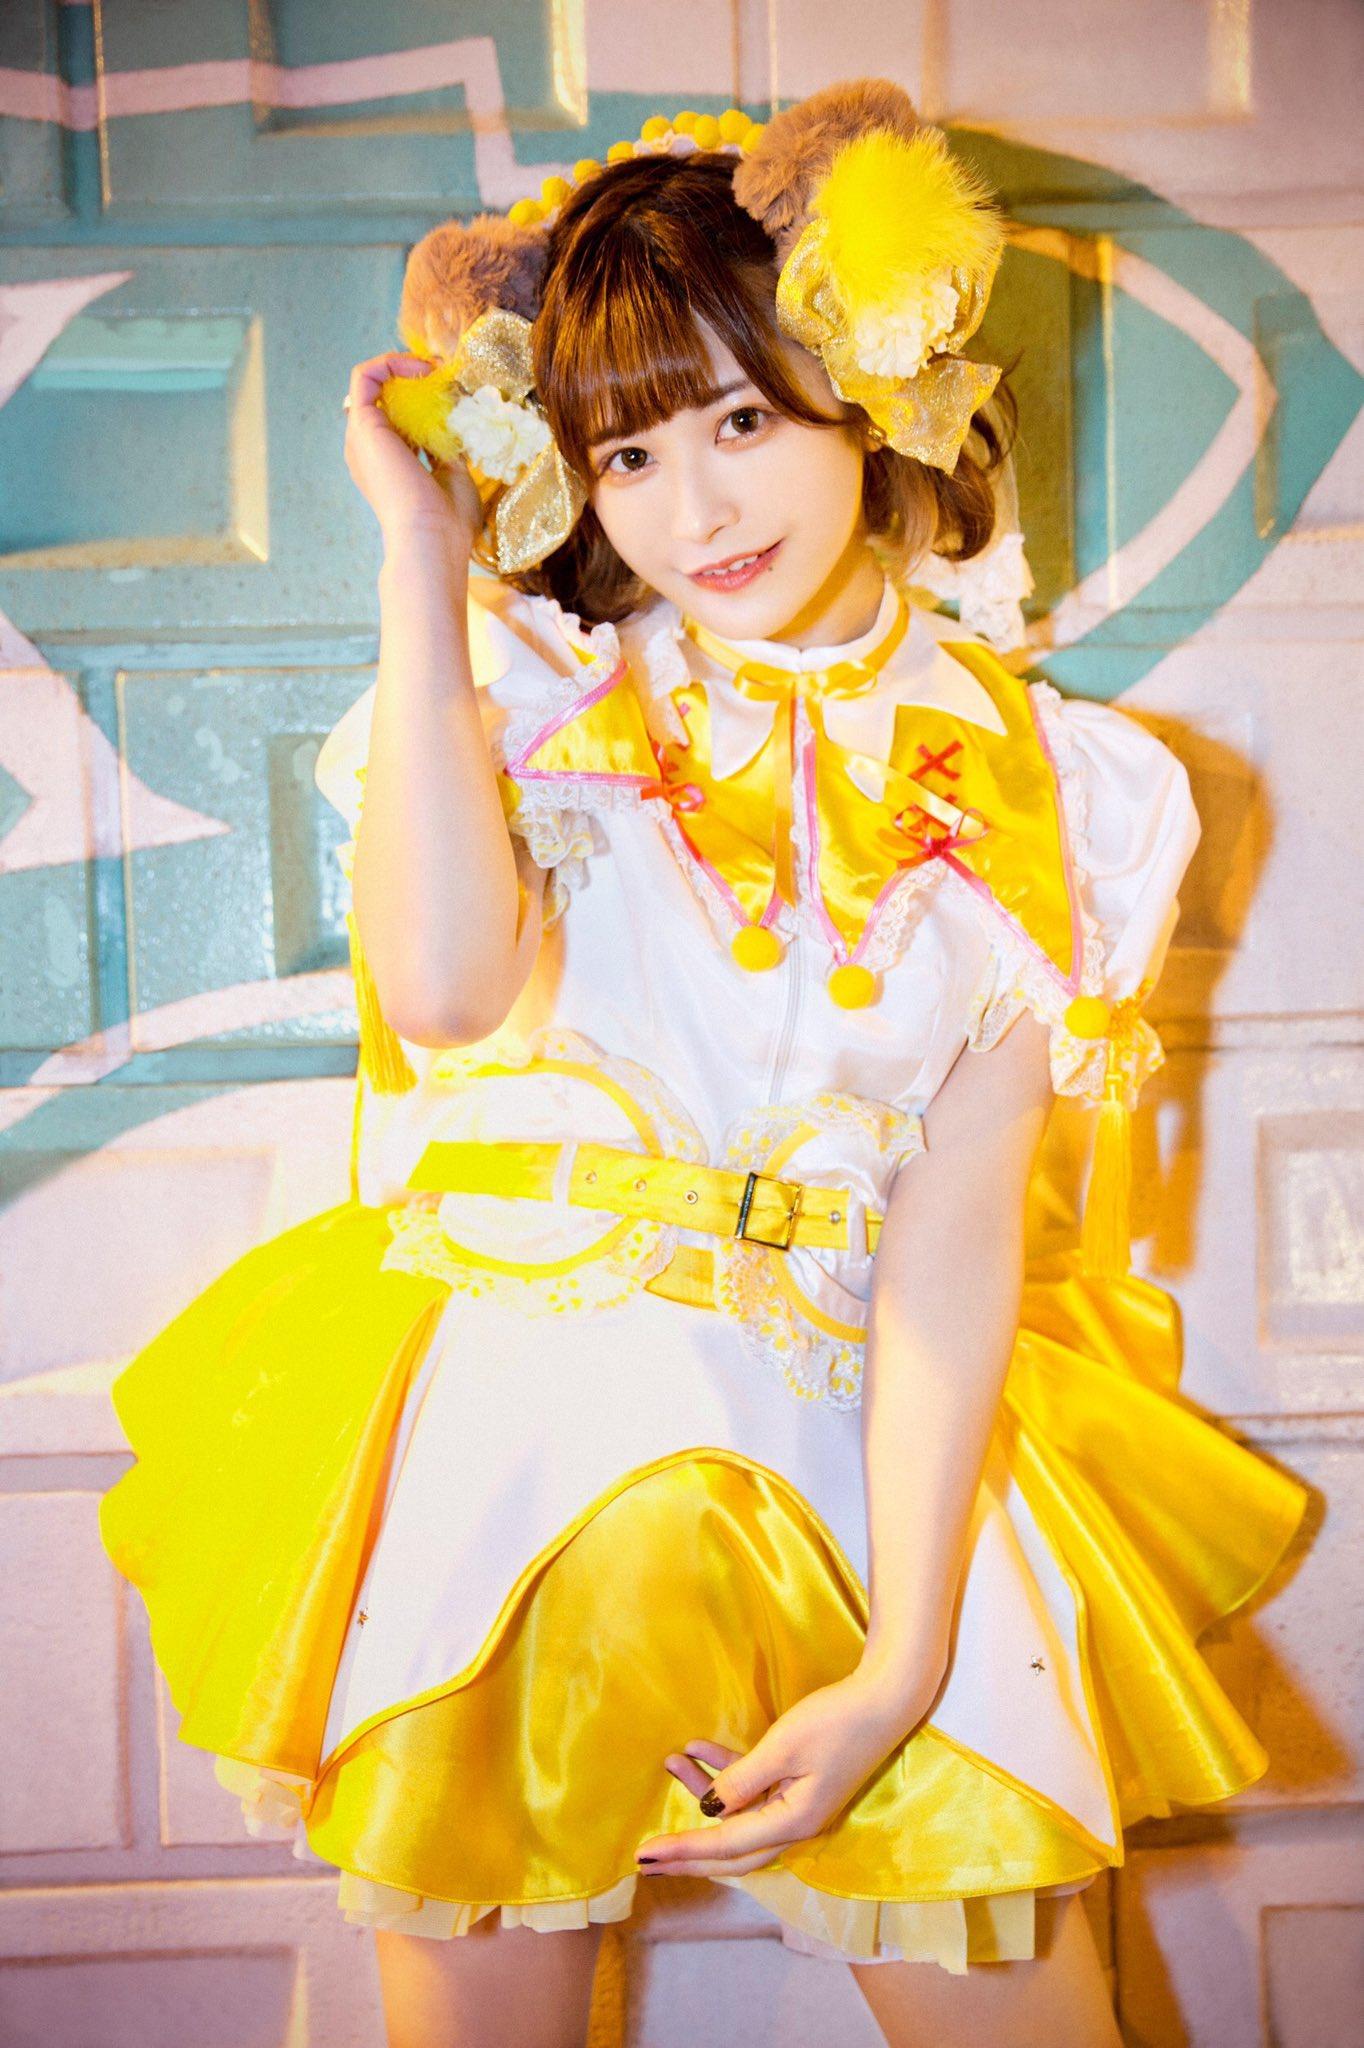 Amanatsu Yuzu